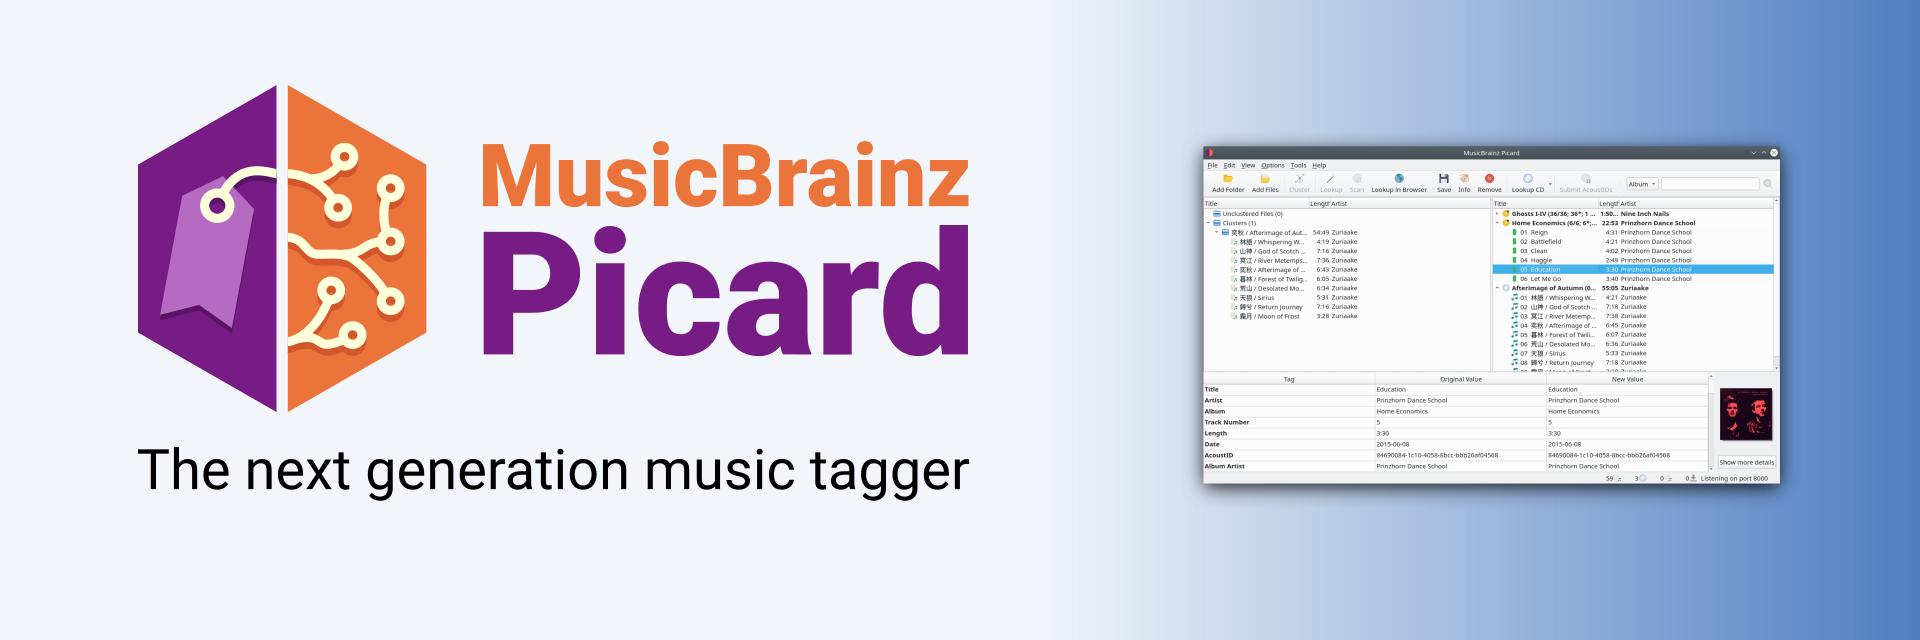 MusicBrainz Picard banner